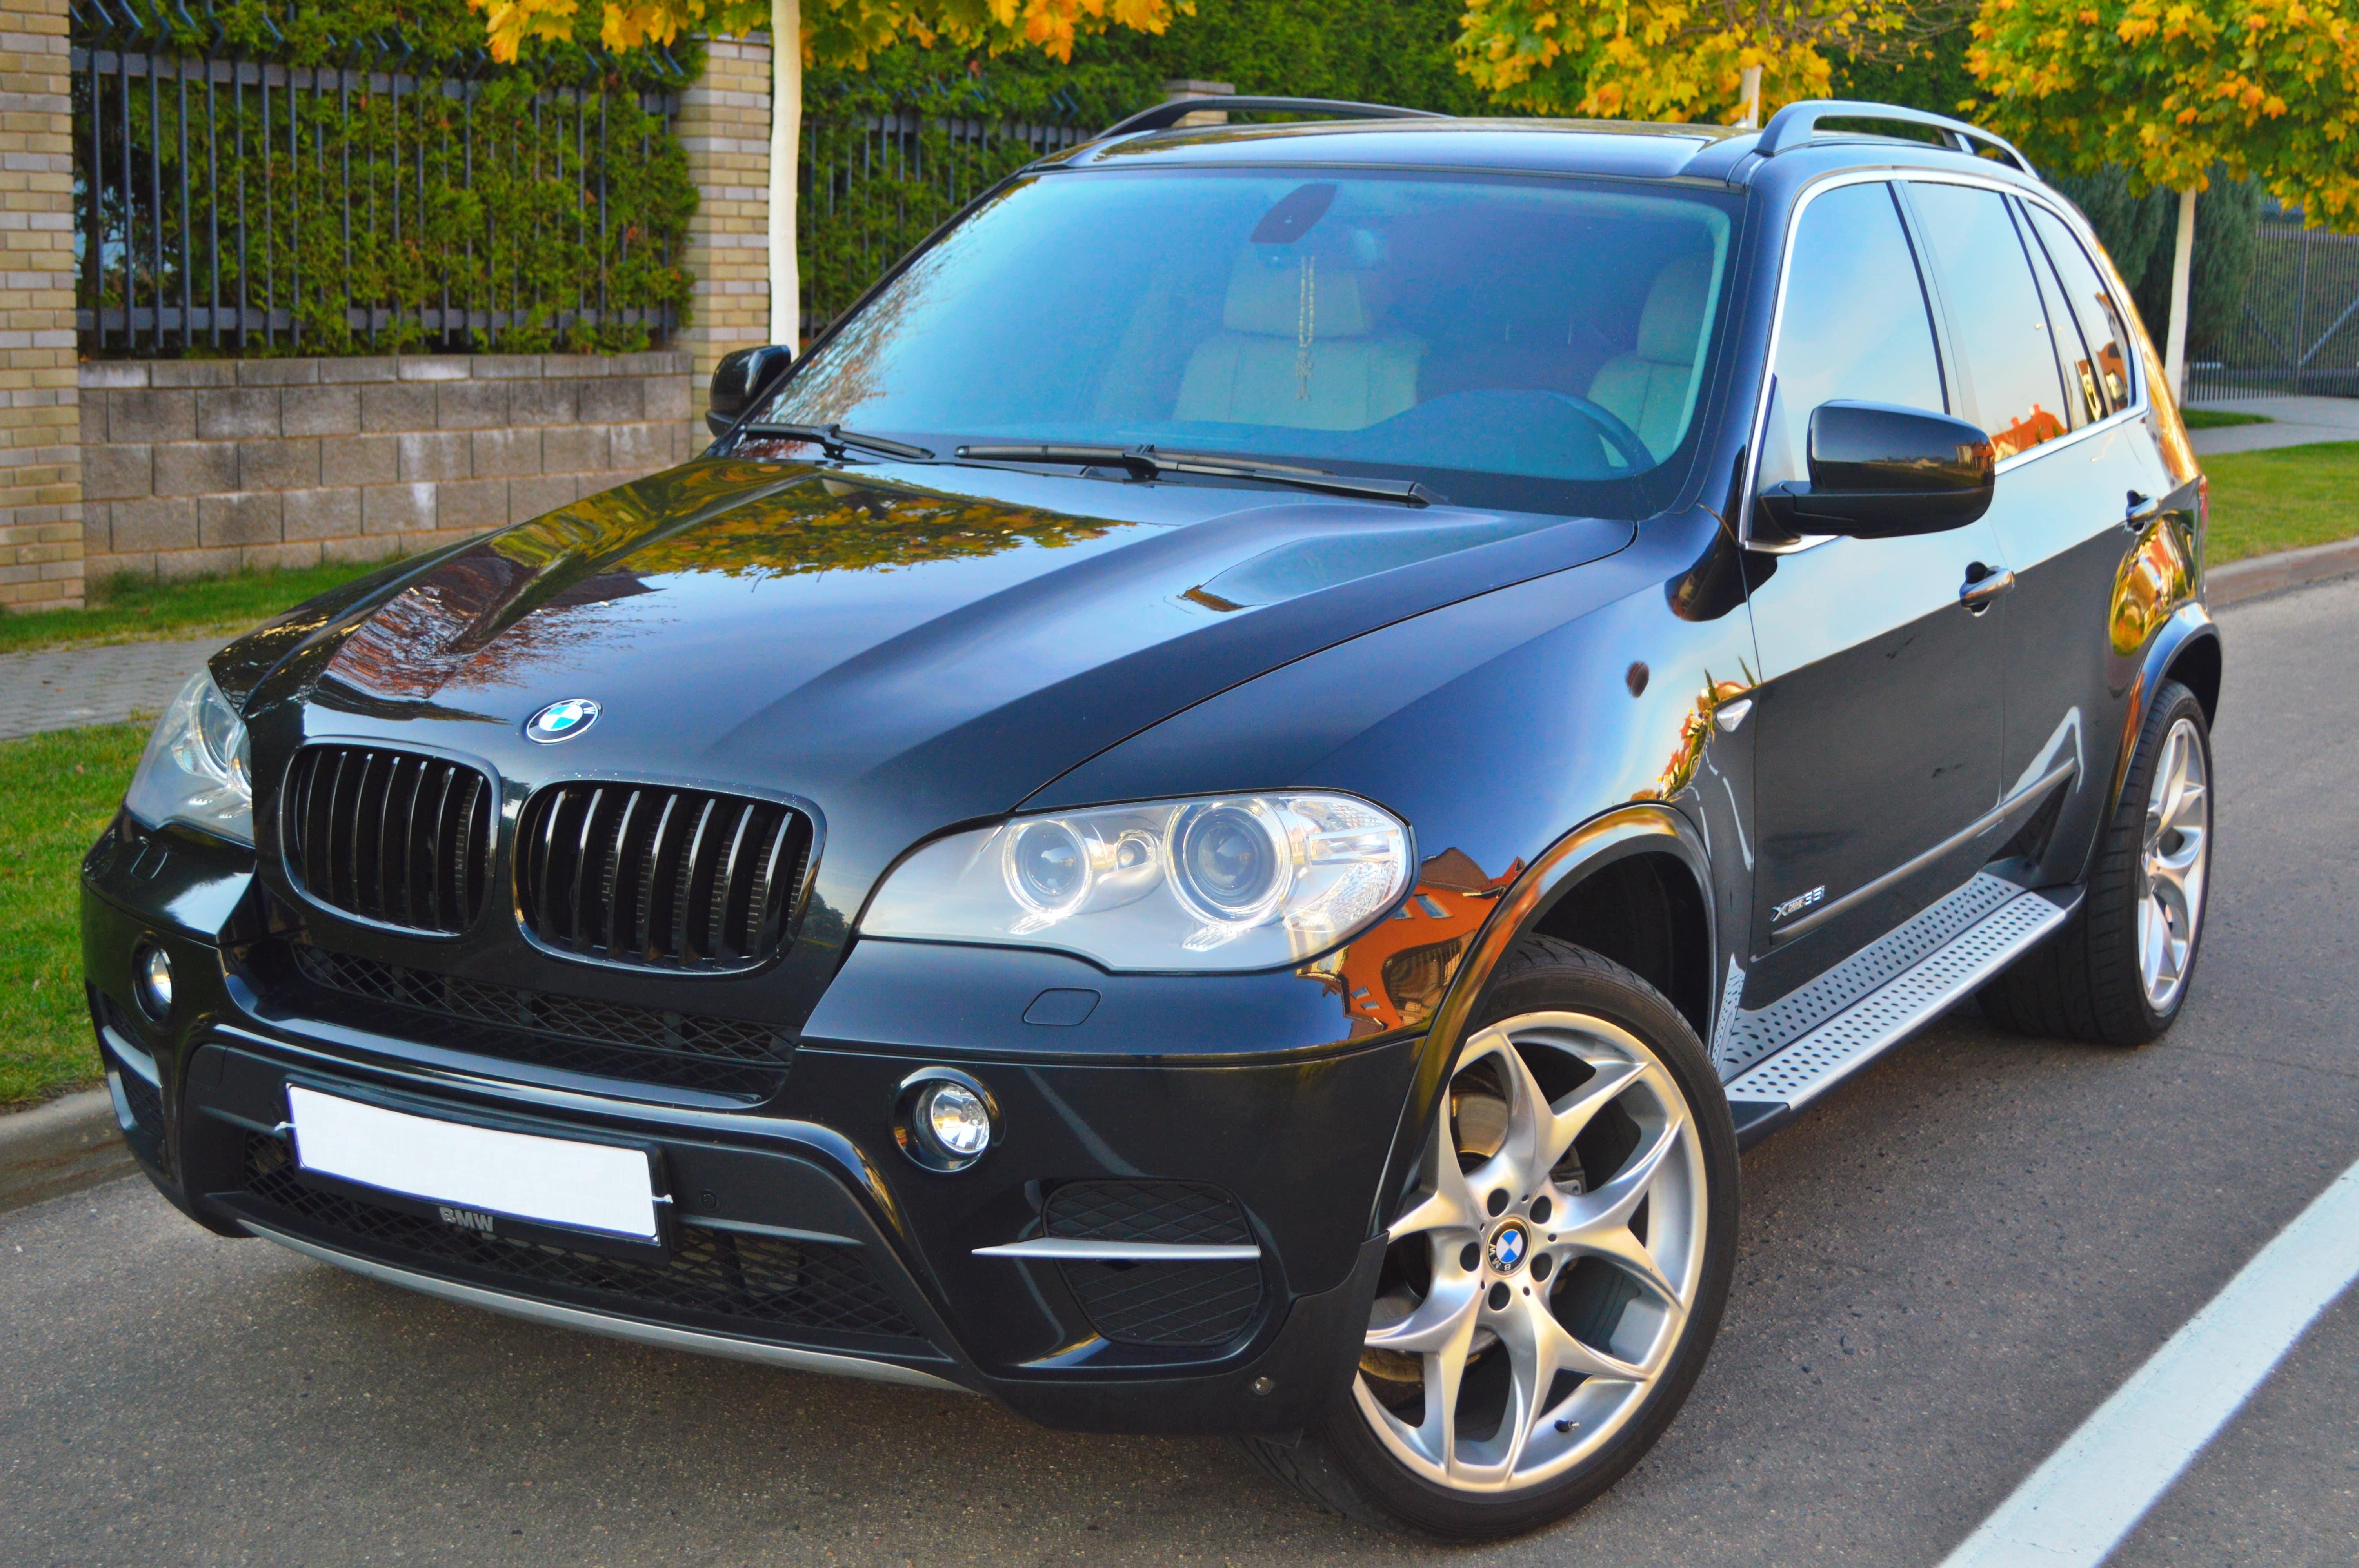 BMW X5 001-min